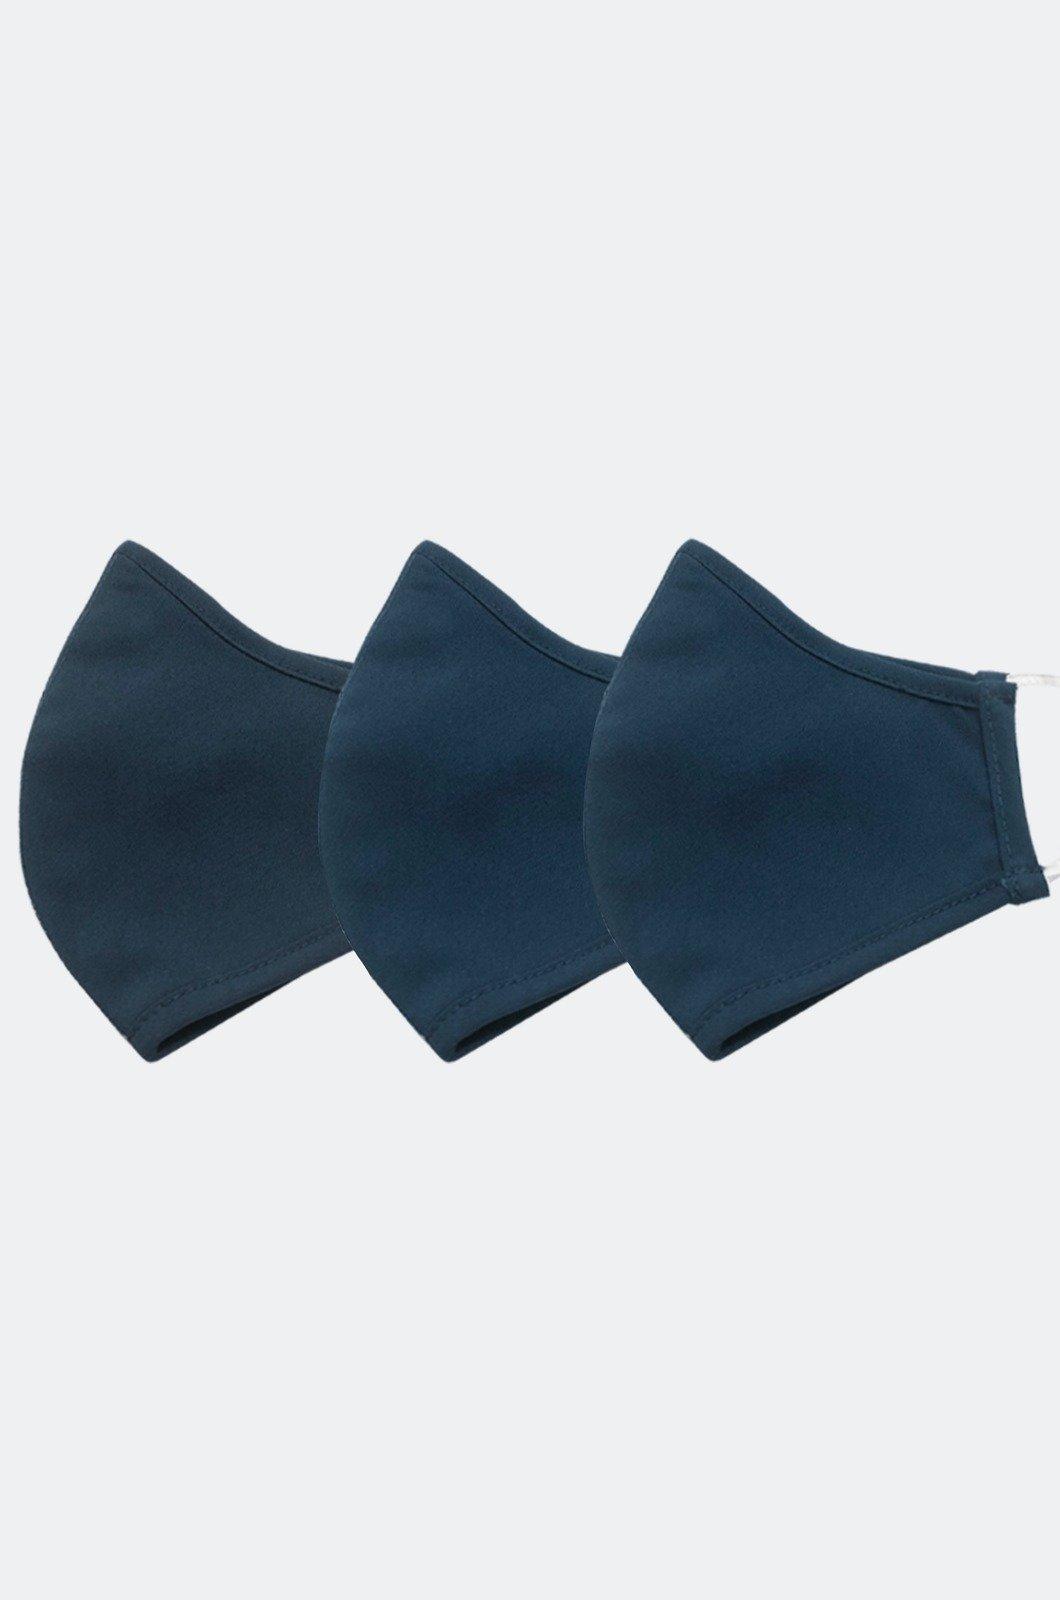 Tapabocas-Kit-gris-Chazari-MA70007-20-KG